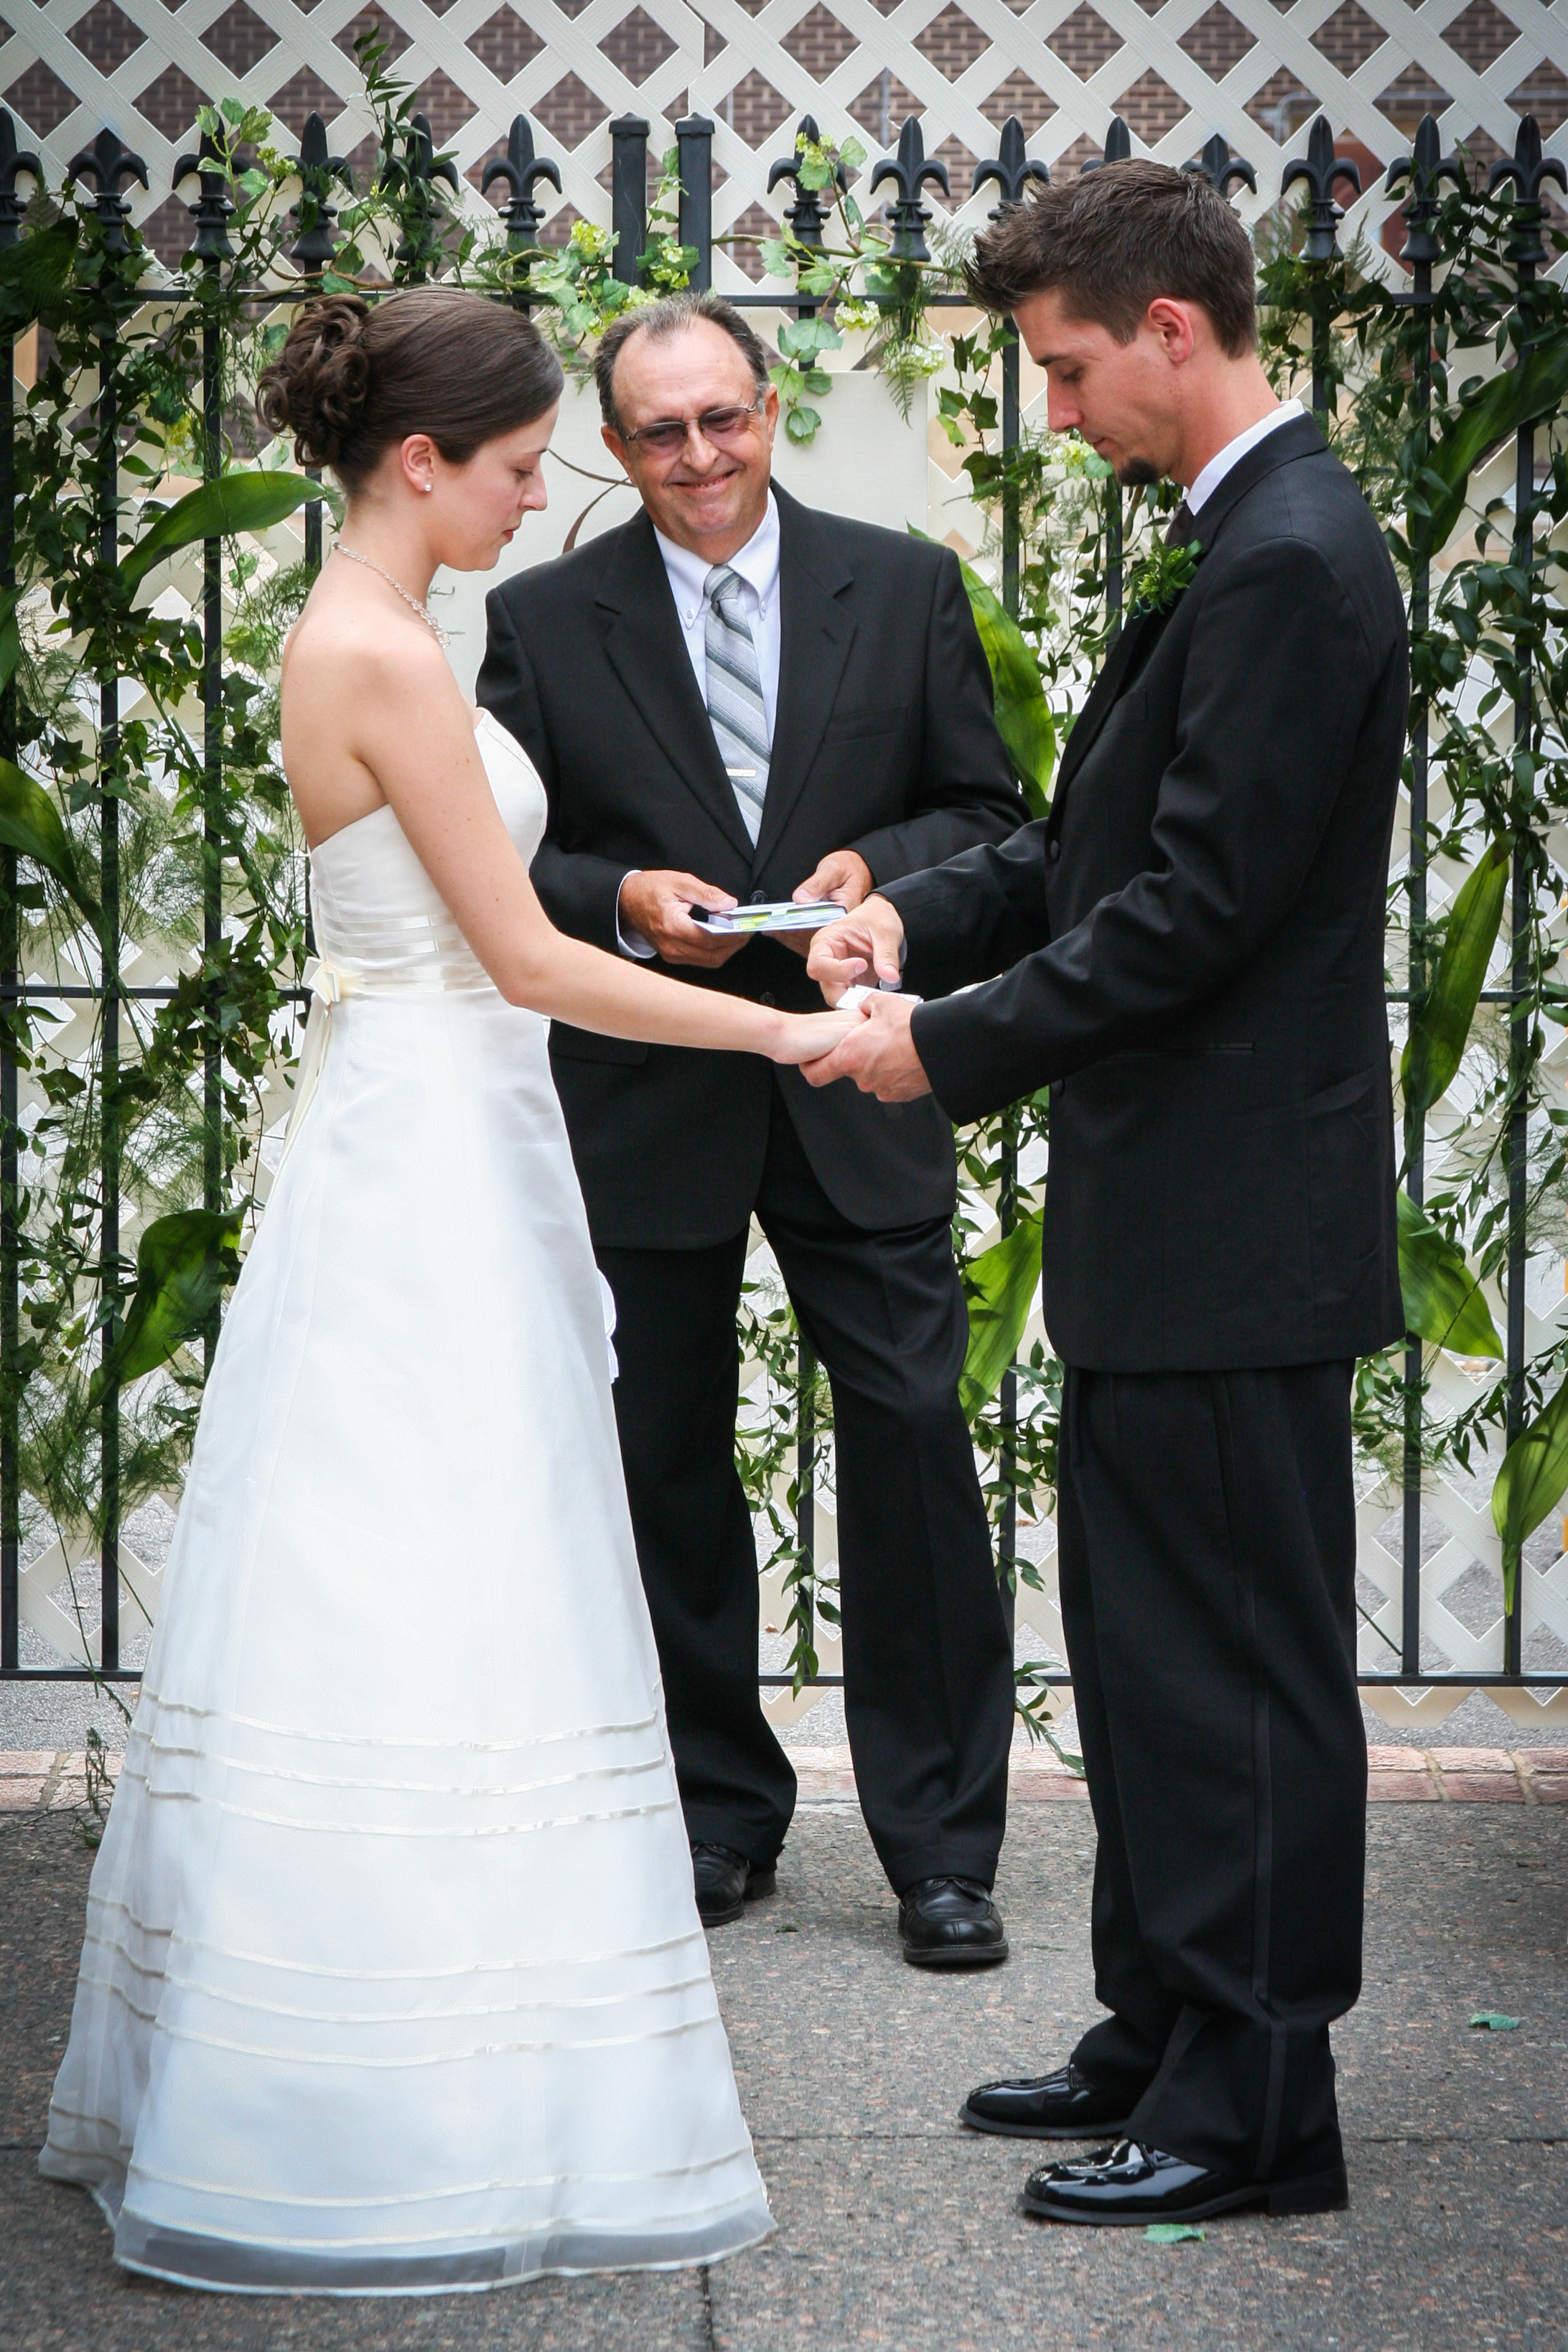 Weddings-70.jpg